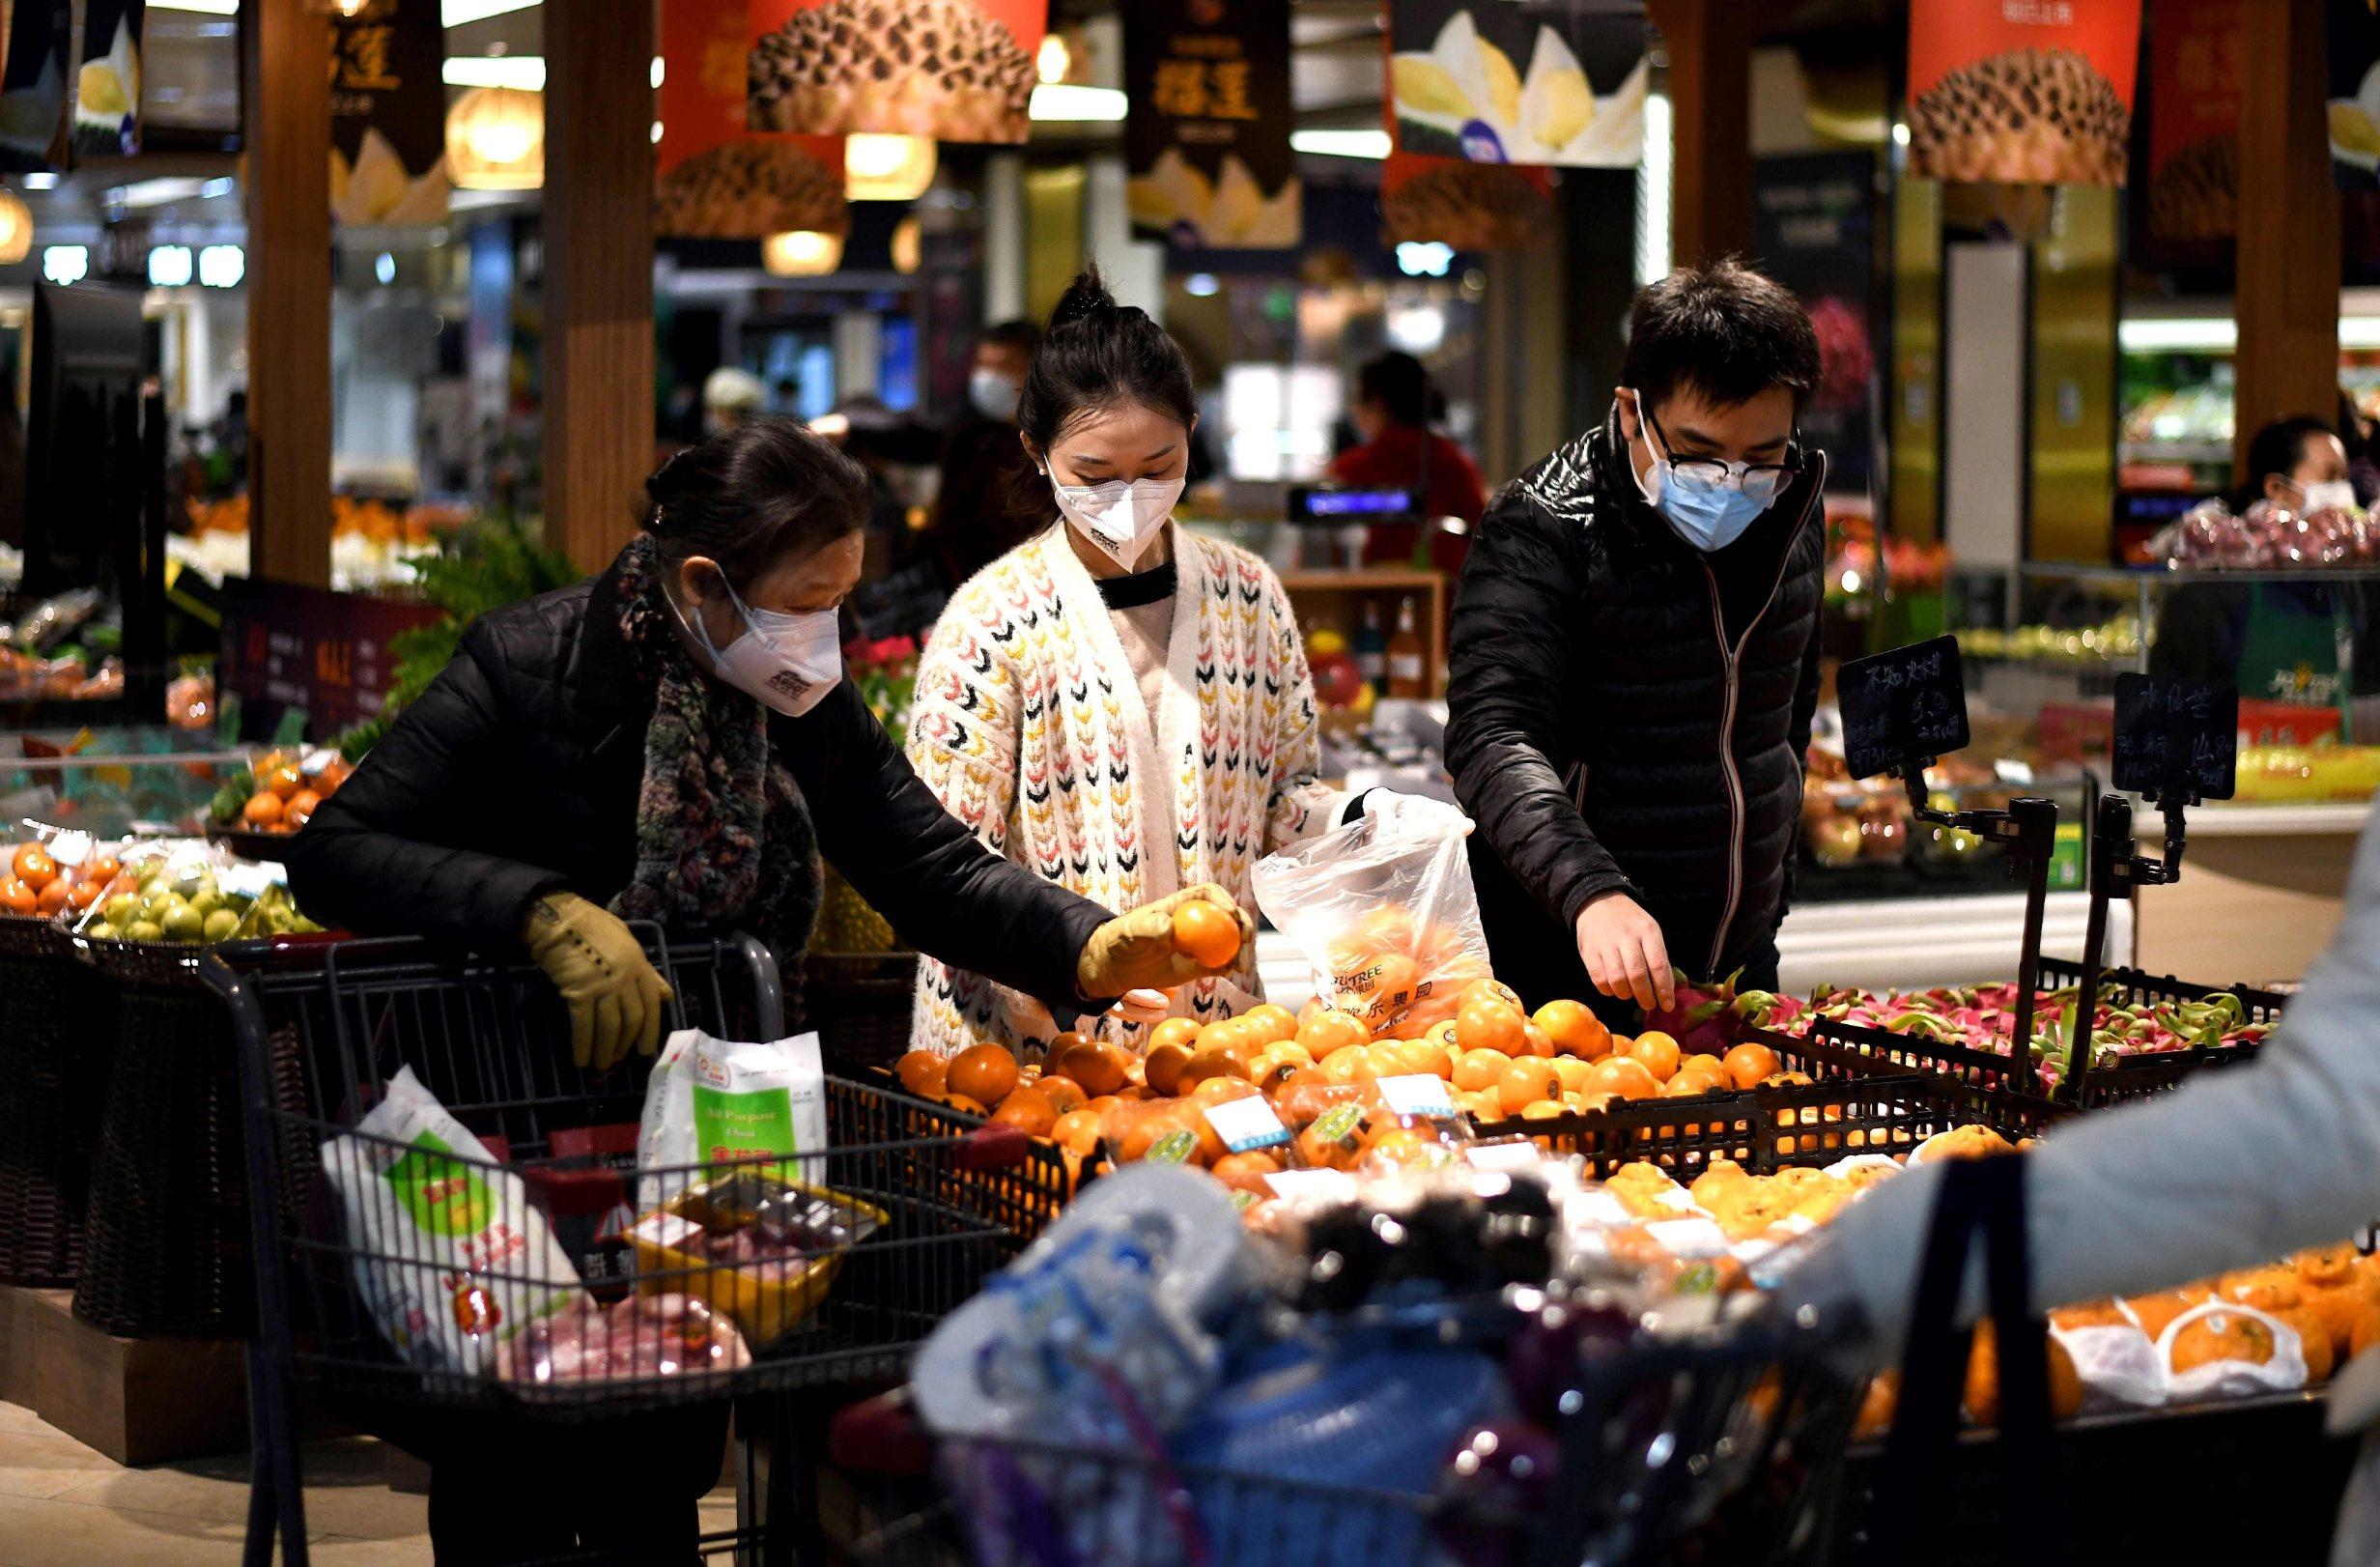 Prizor iz samoposluge u Wuhanu snimljen 30. ožujka, pet dana nakon objave da se stanovnici provincije Hubei koji nisu pozitivni na koronavirus mogu slobodno kretati